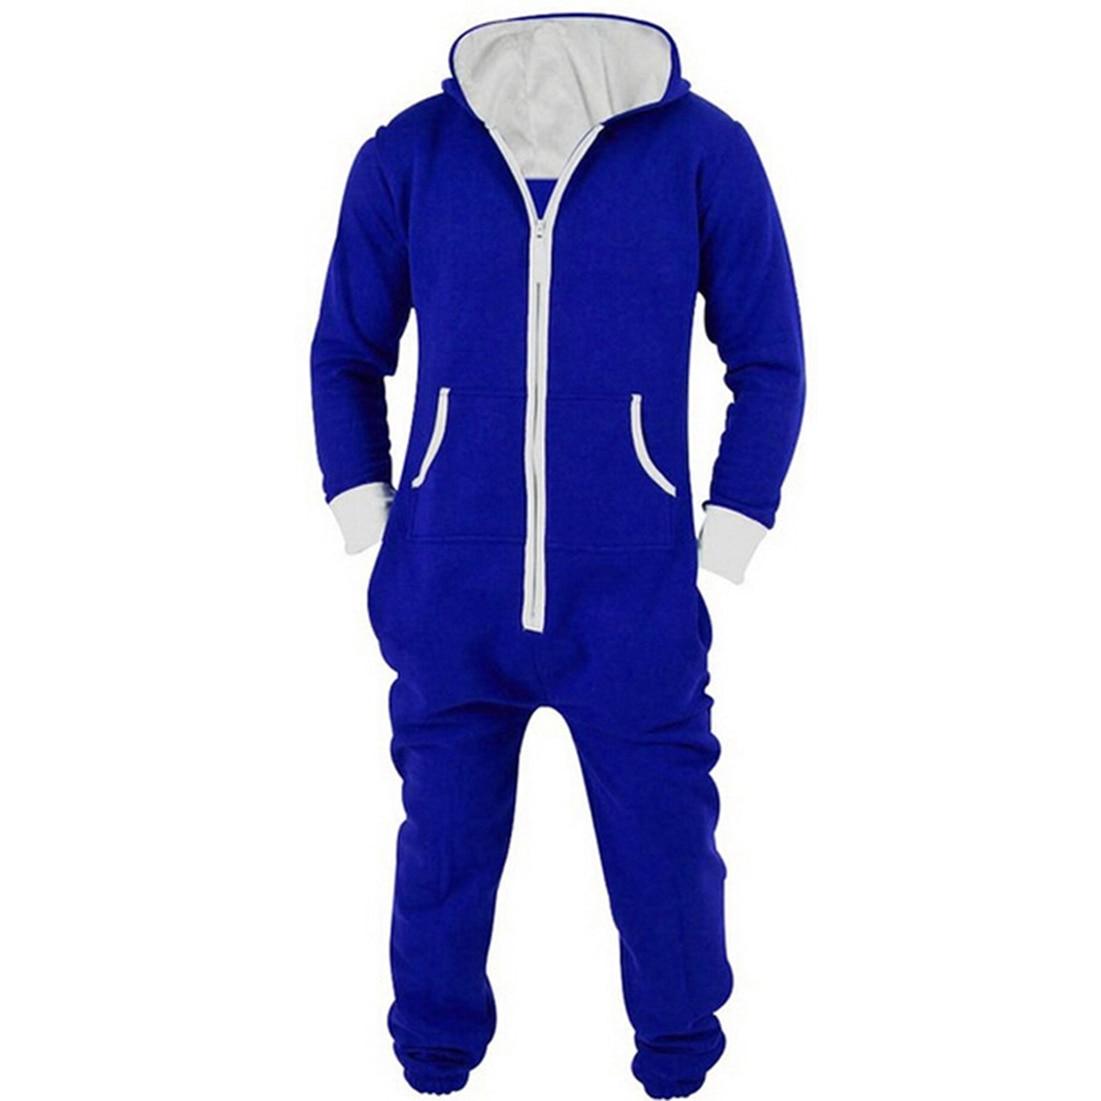 2018 Mode Trainingsanzug Overall Herren Slim Fit Langarm Sweatshirt Hoodies Casual Lange Hosen Für Männer Overalls Schwarz Blau Xxl Und Ein Langes Leben Haben.